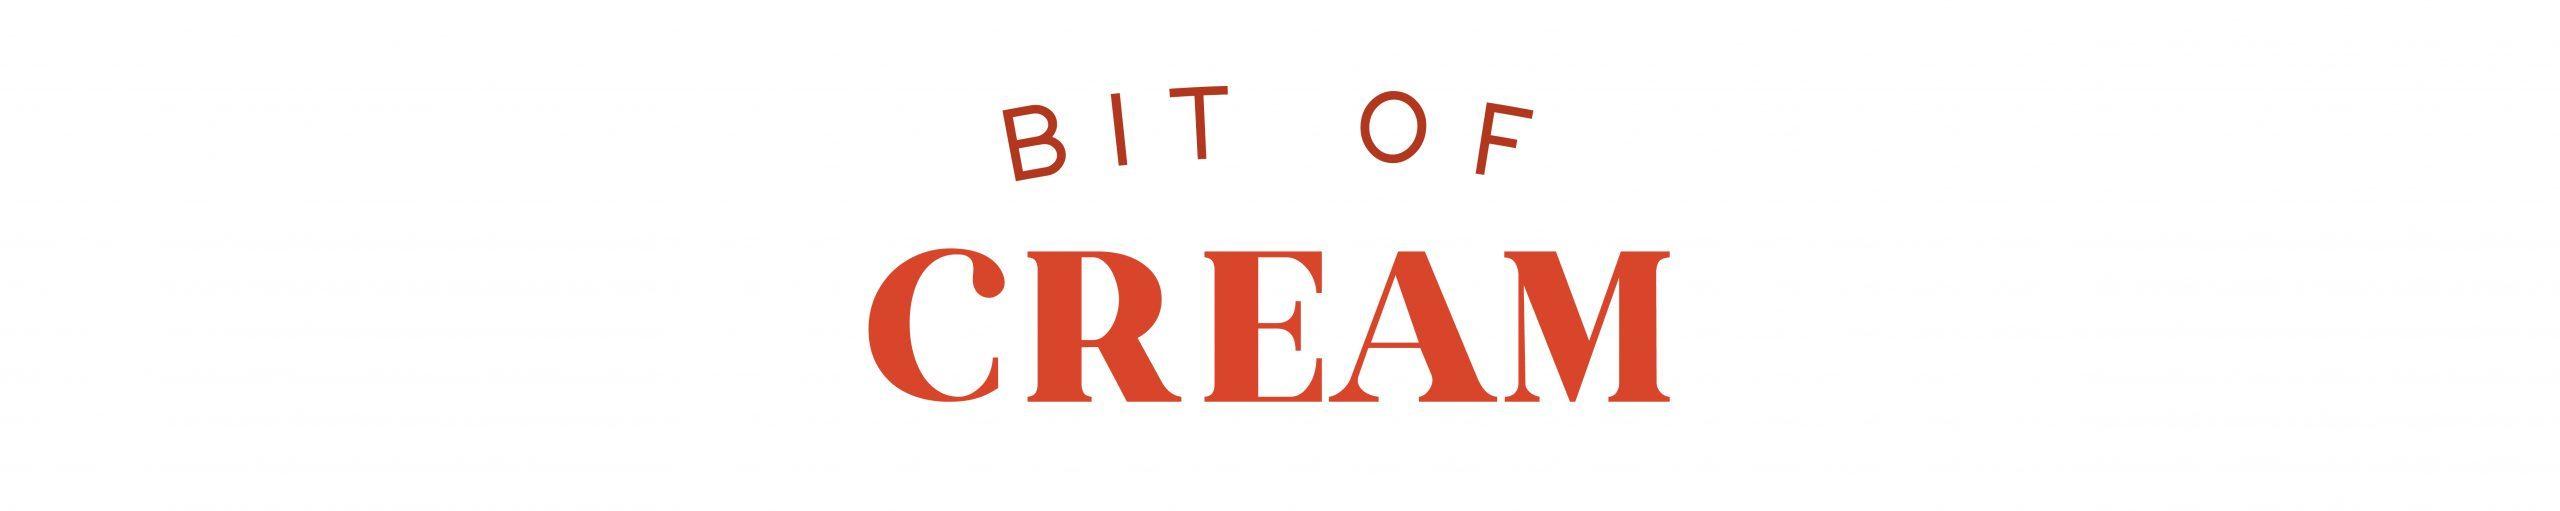 BIT OF CREAM